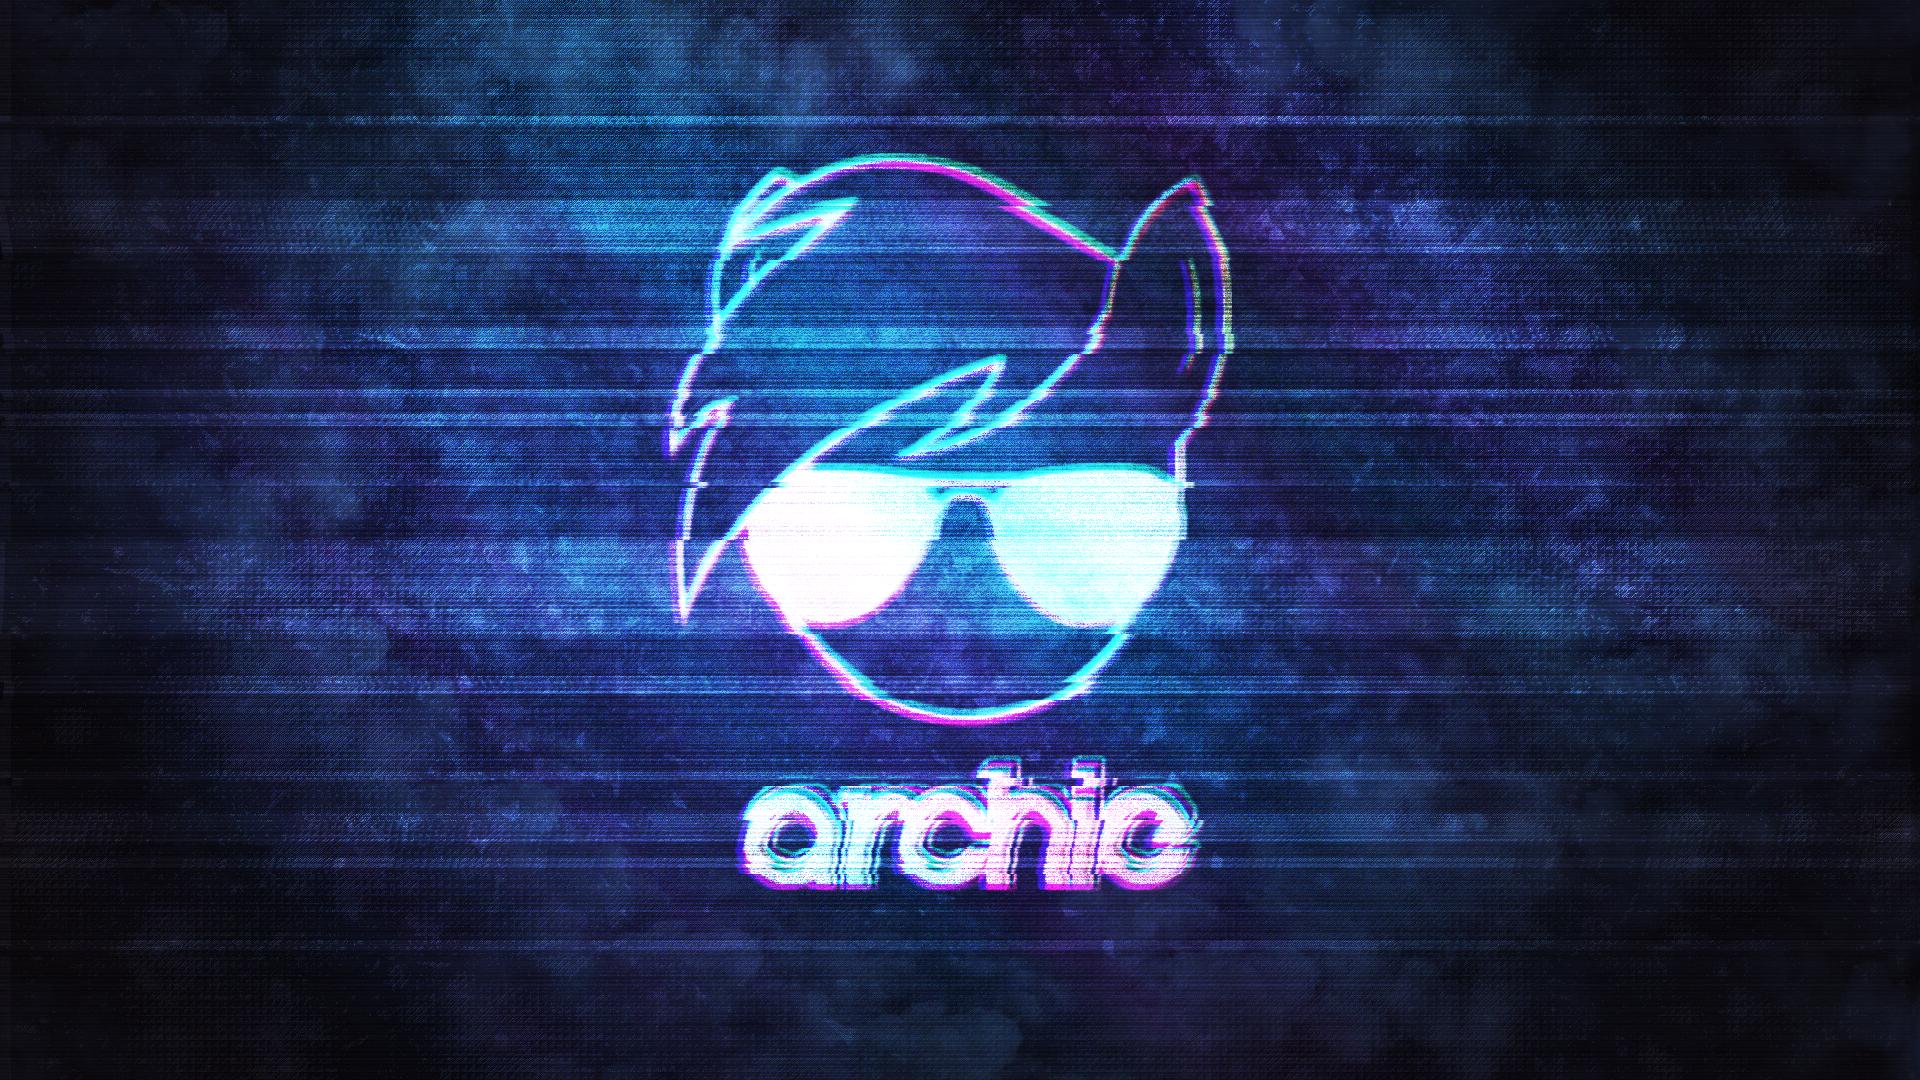 Archie by SandwichDelta